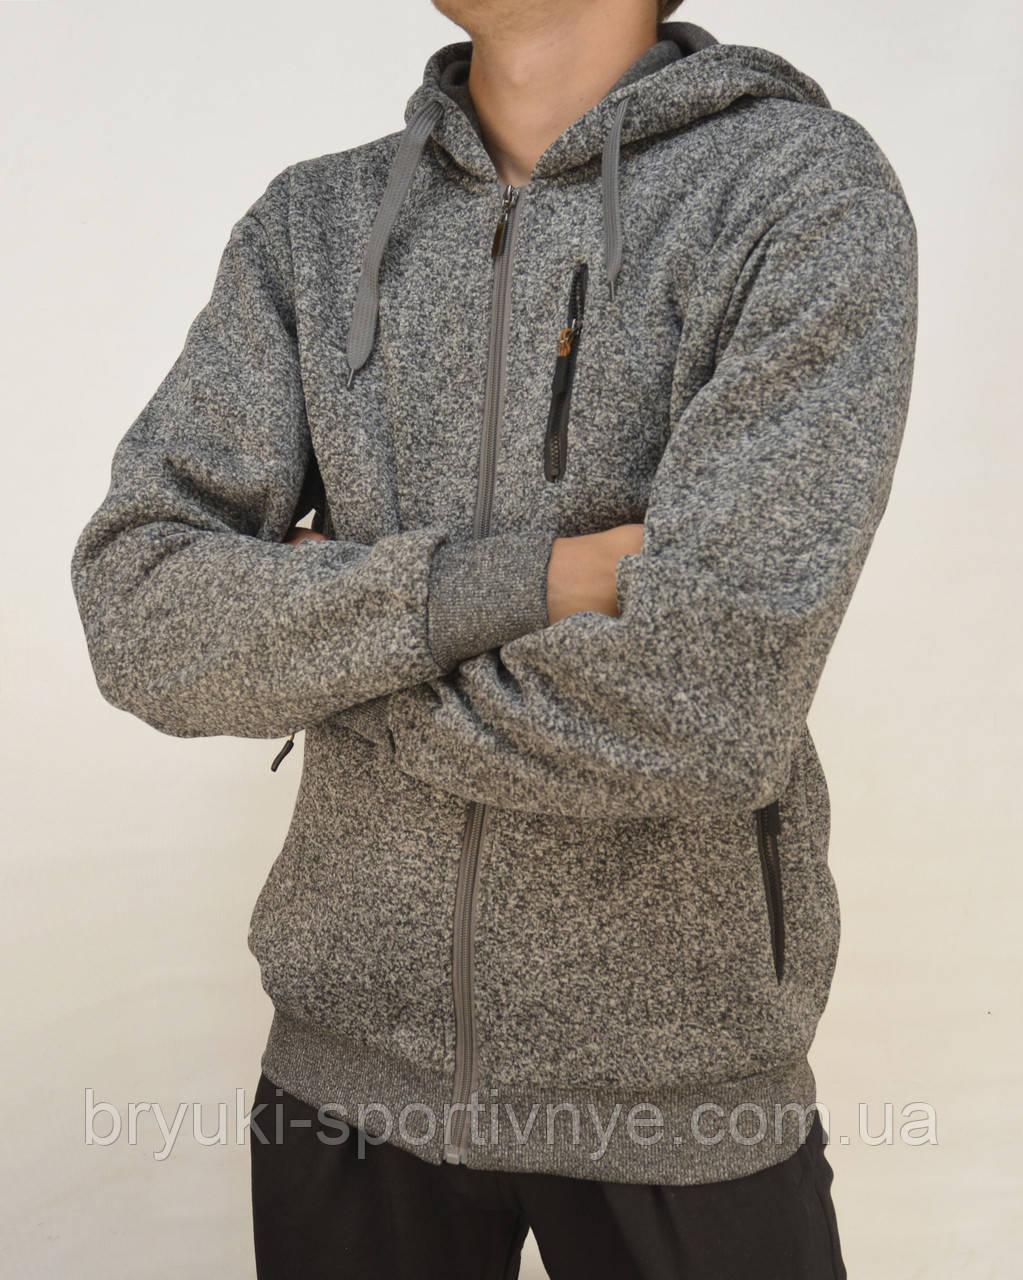 Теплая мужская флисовая толстовка на молнии с капюшоном и карманами M Серый